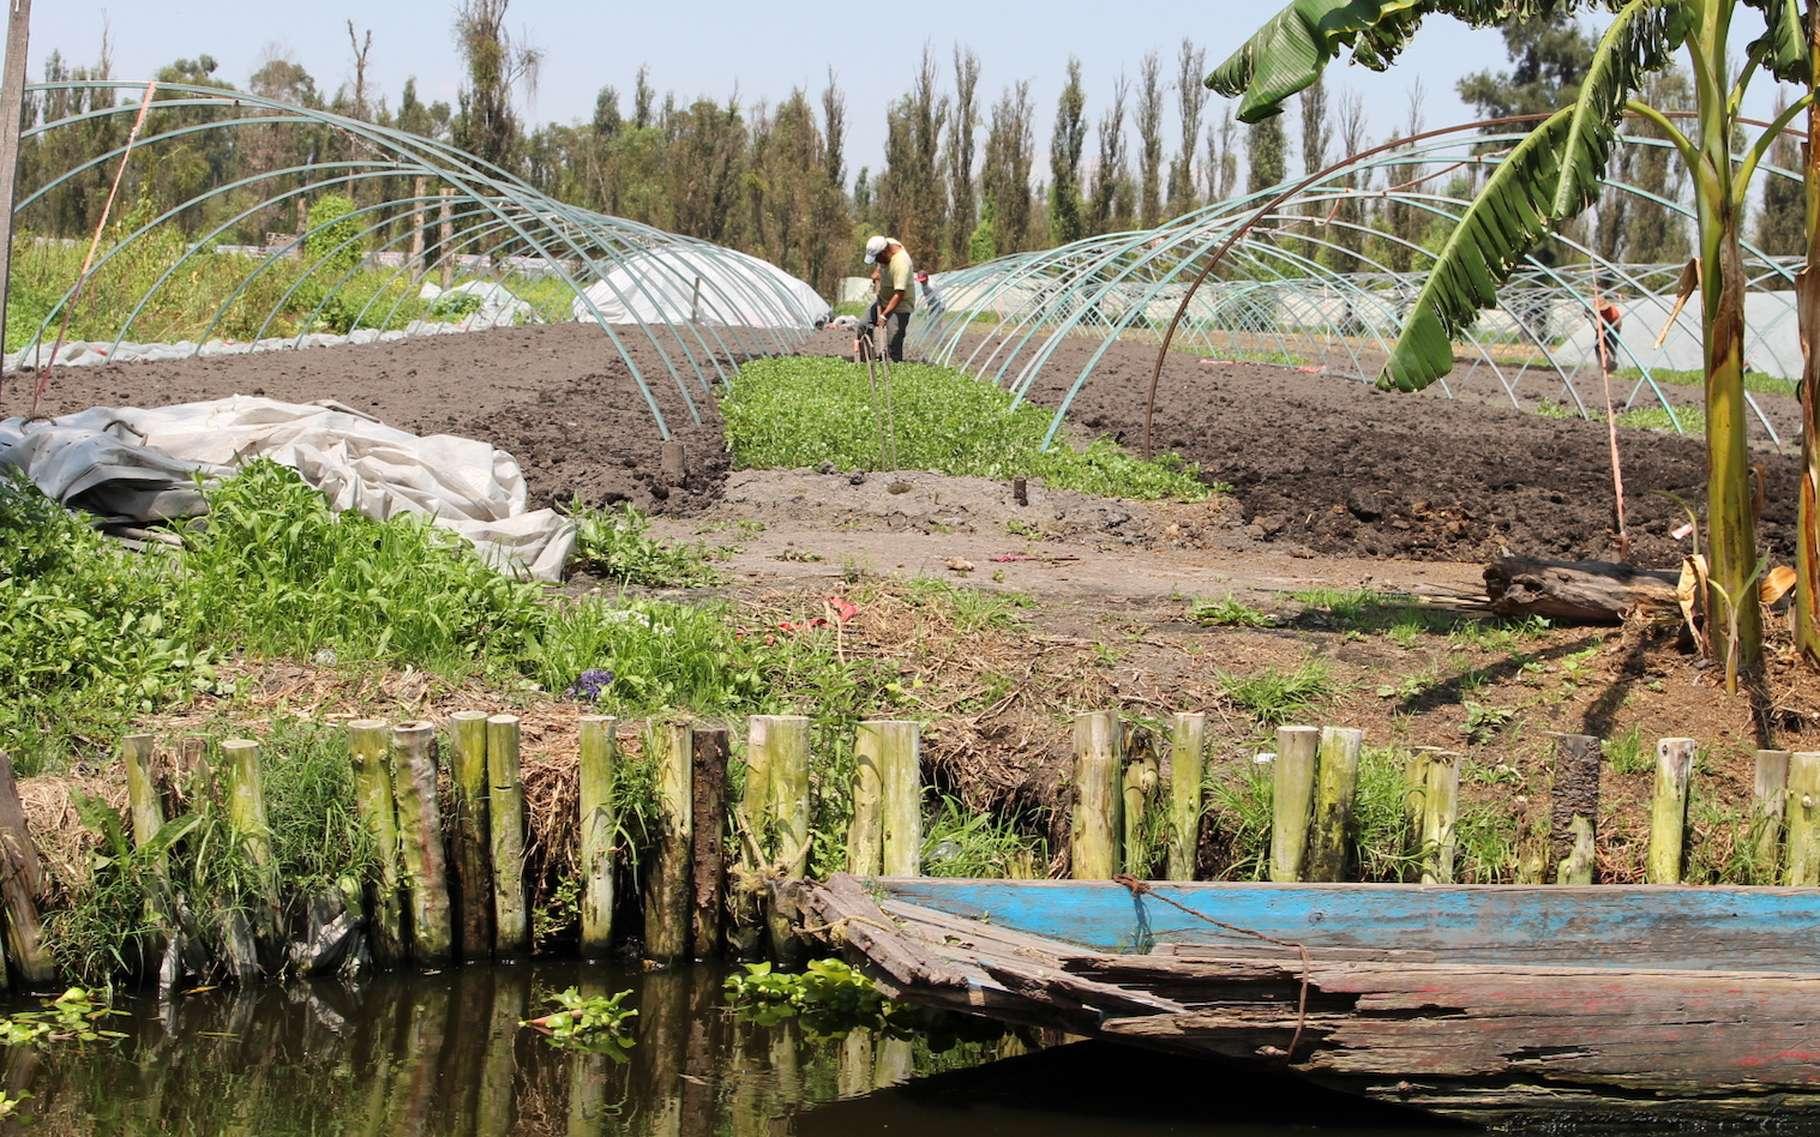 Les chinampas sont des vestiges de l'ingéniosité aztèque. Lorsqu'au XIVe siècle, ils se sont fixés sur des terres marécageuses, ils n'ont eu d'autre choix pour se nourrir que d'accroître les surfaces cultivables en construisant des îles artificielles à l'aide de la boue fertile des lacs. Ici, en version moderne. © Emmanuel Eslava, Wikipedia, CC by-sa 4.0